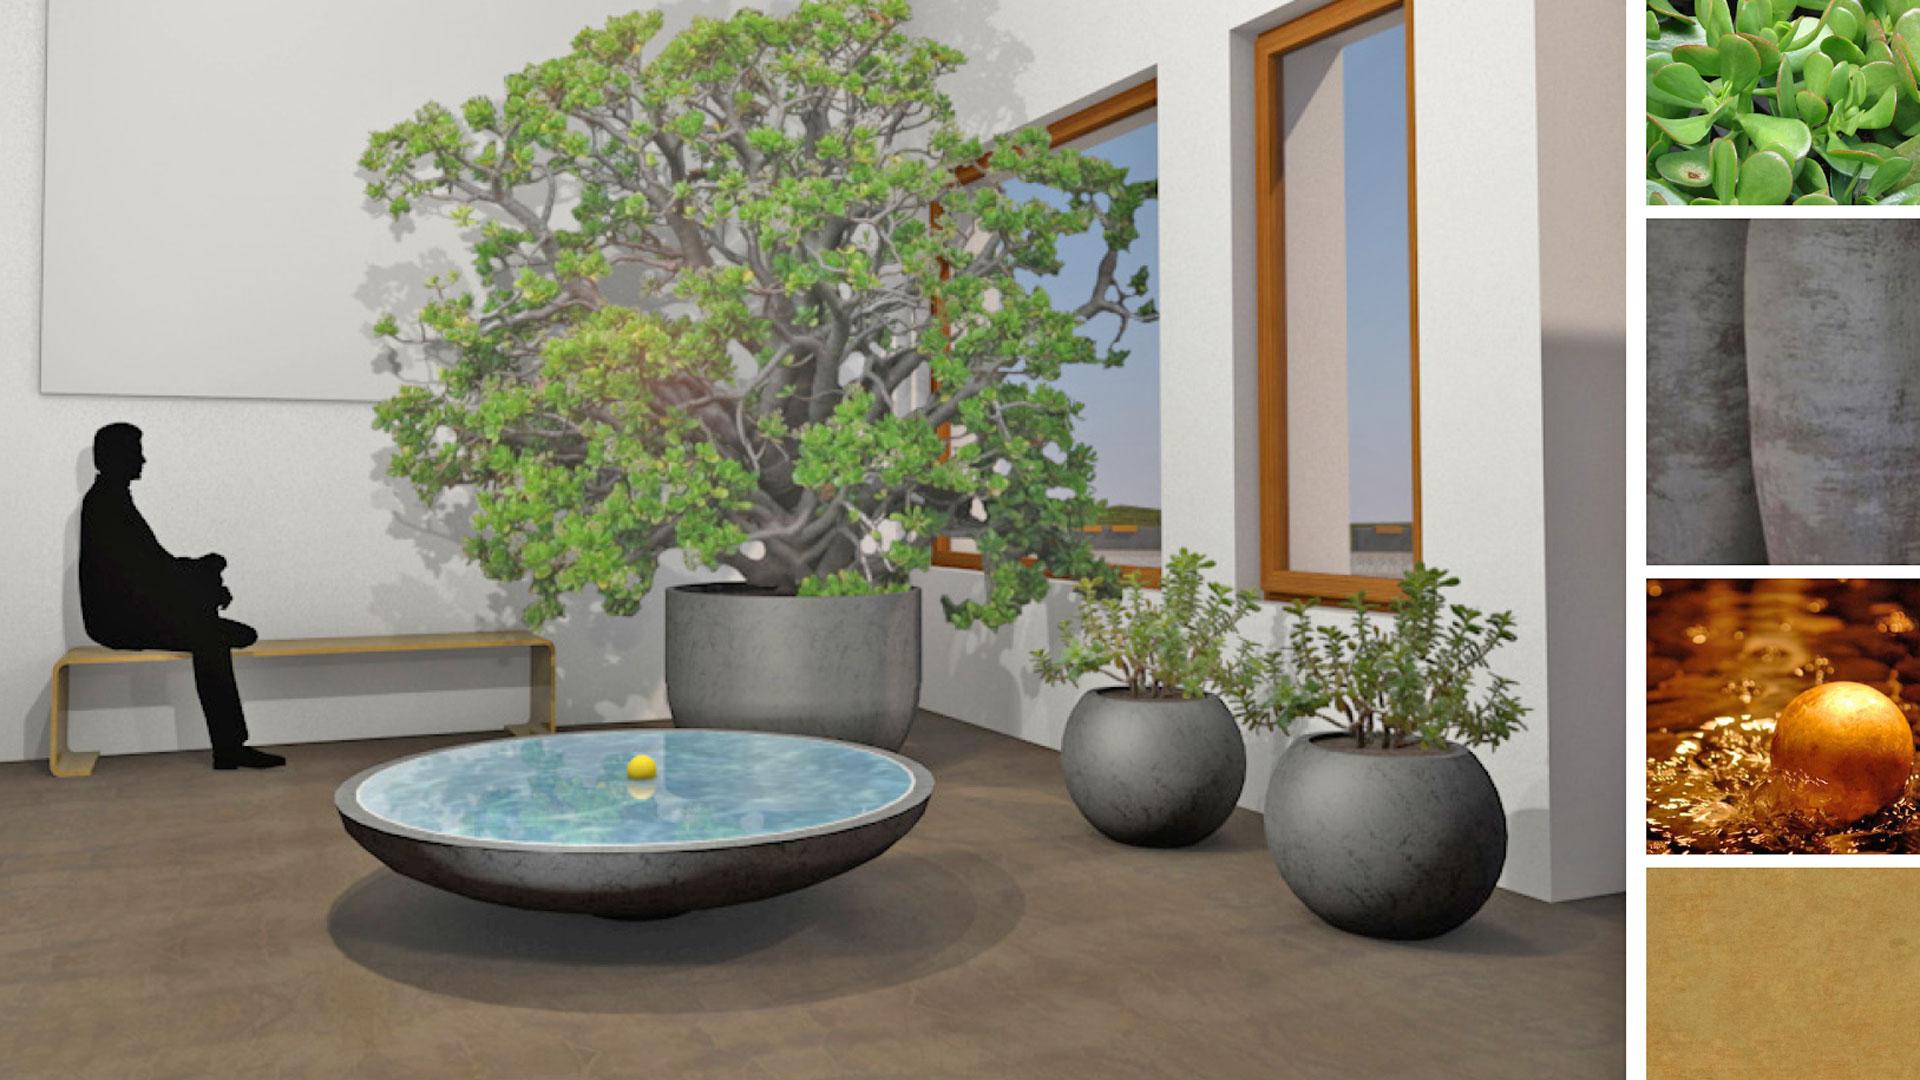 3D-Grafik Innenbereich mit Wasserspiel und Pflanzen sowie Farb- und Materialauswahl durch das Architekturbüro atelier8 in Frankfurt